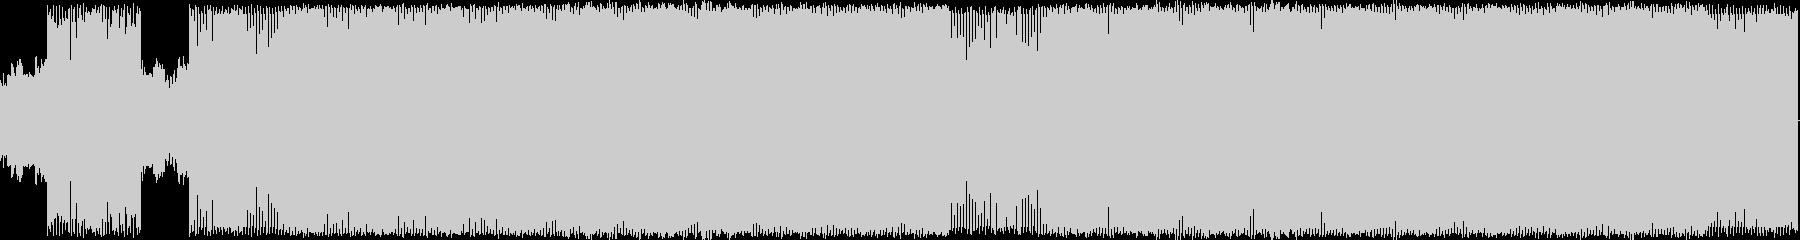 コミカルなインベーダーゲーム風のダンス曲の未再生の波形